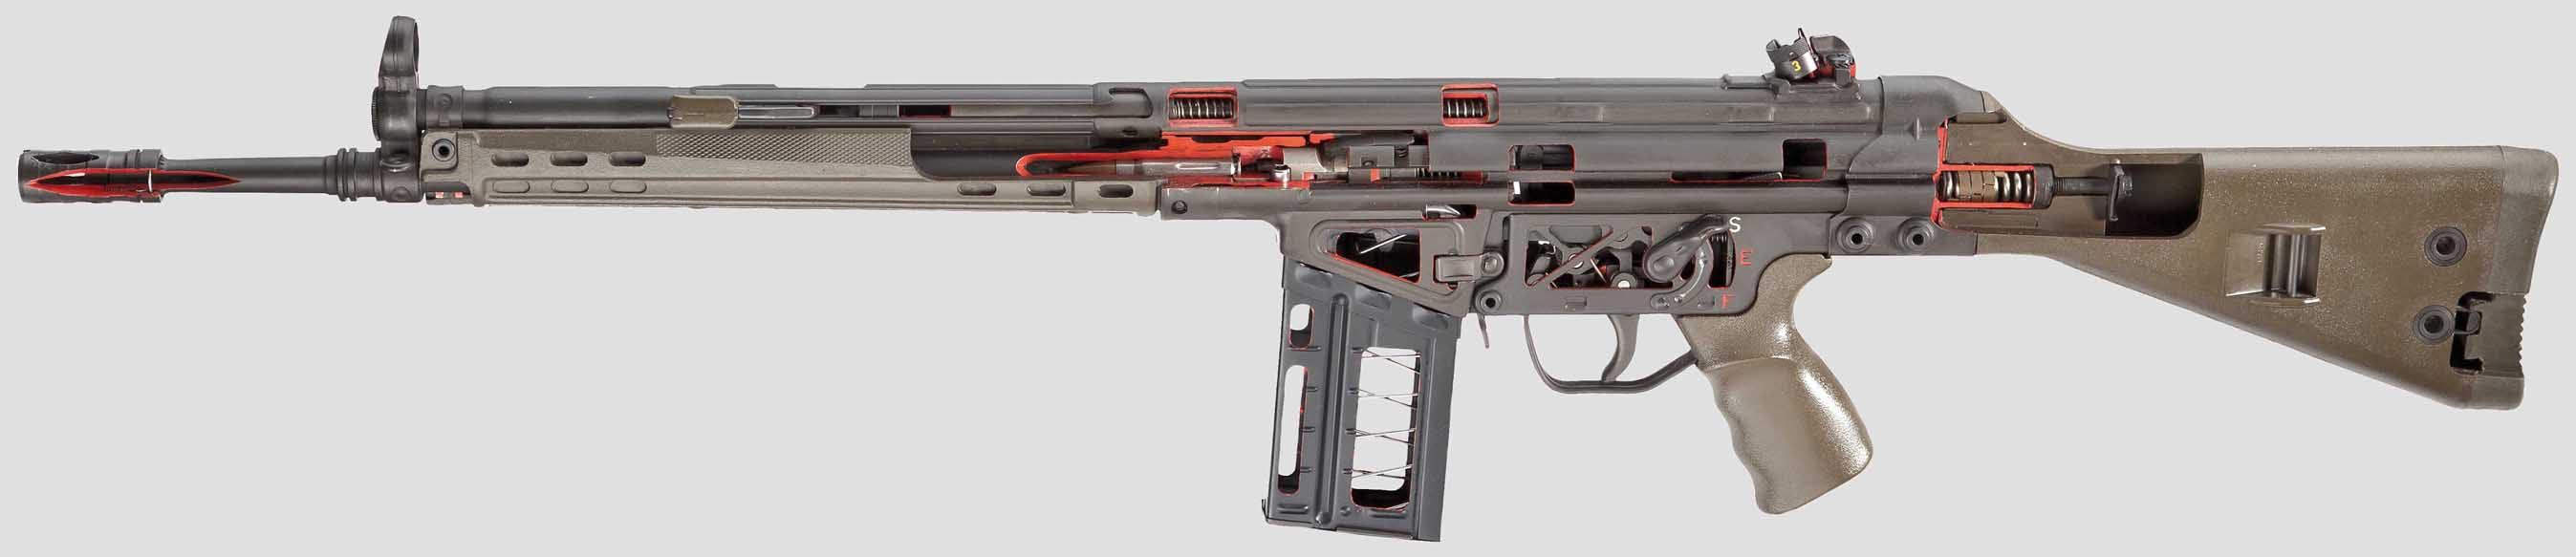 Heckler & Koch G3 cutaway